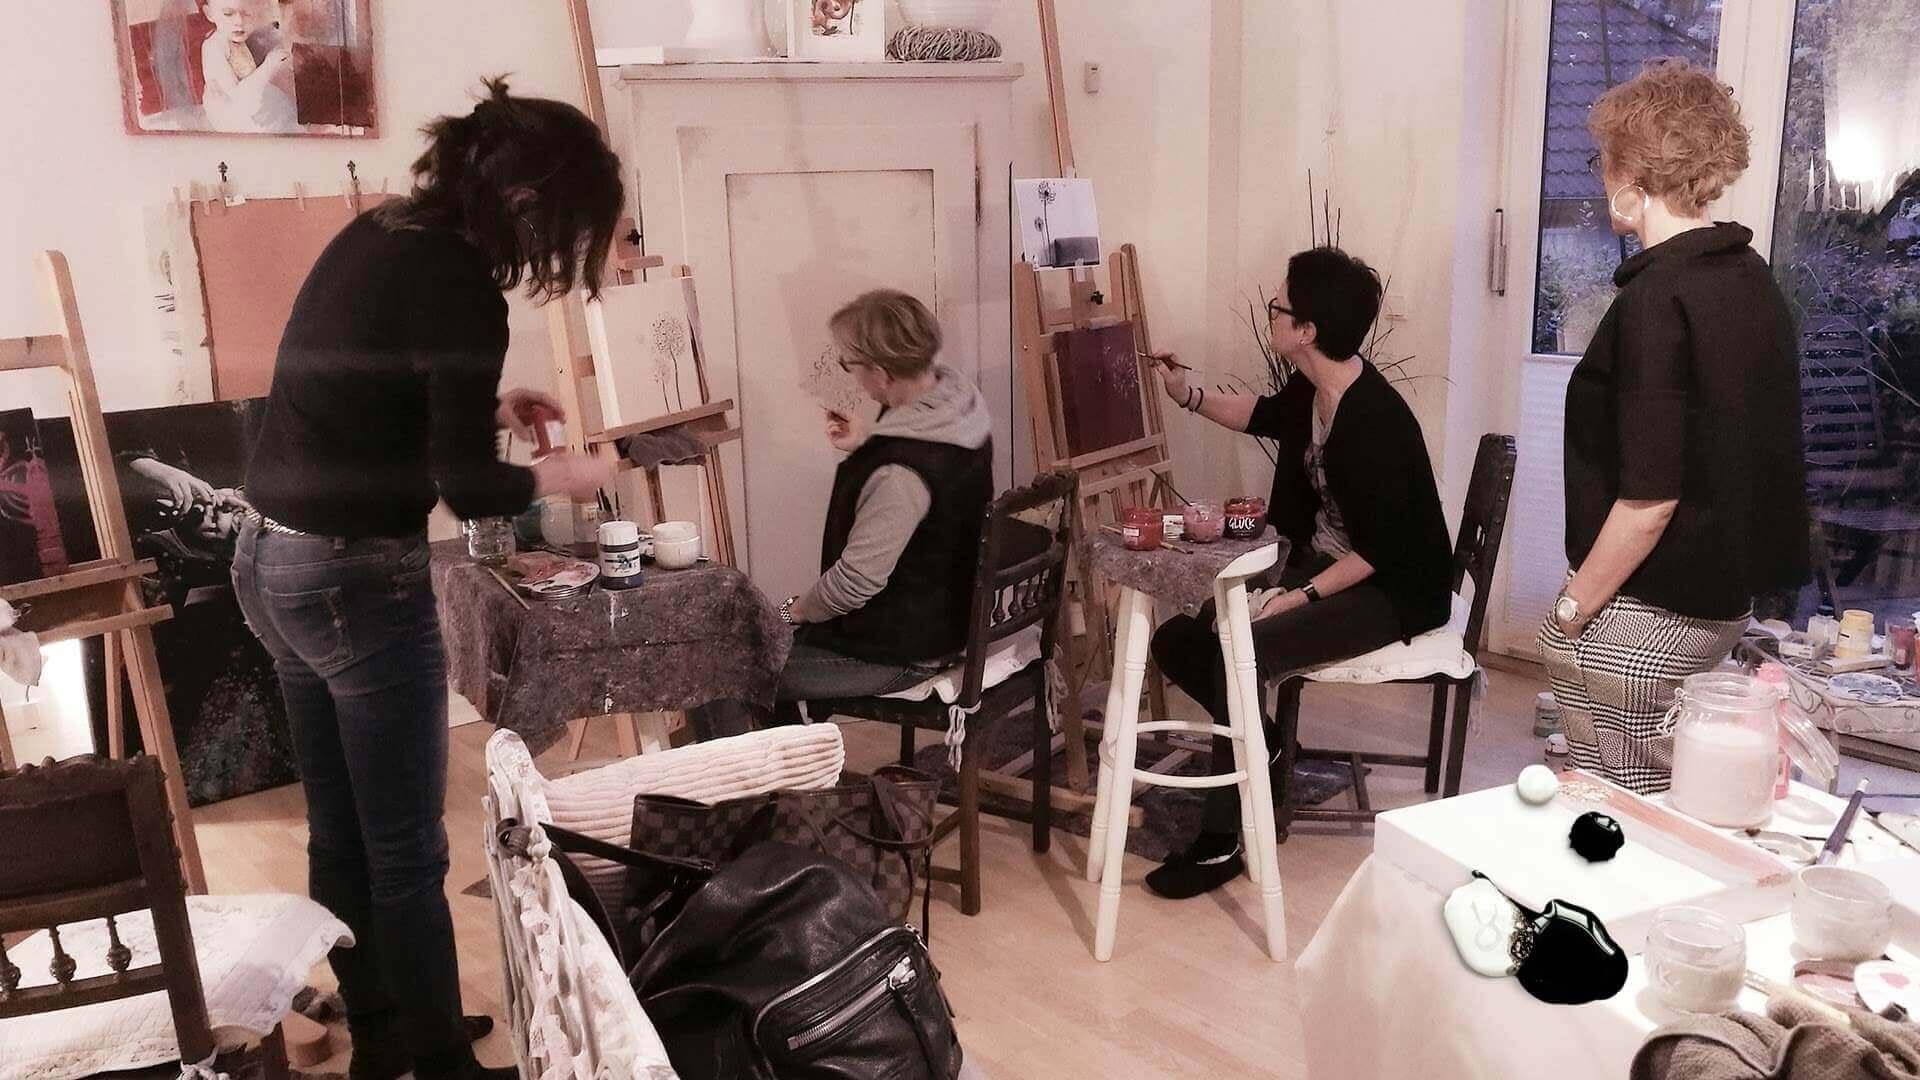 Bescht ARTDAY - Freundinnen Tag mit Kunst - exklusiver Kurs Malerei in Bremen